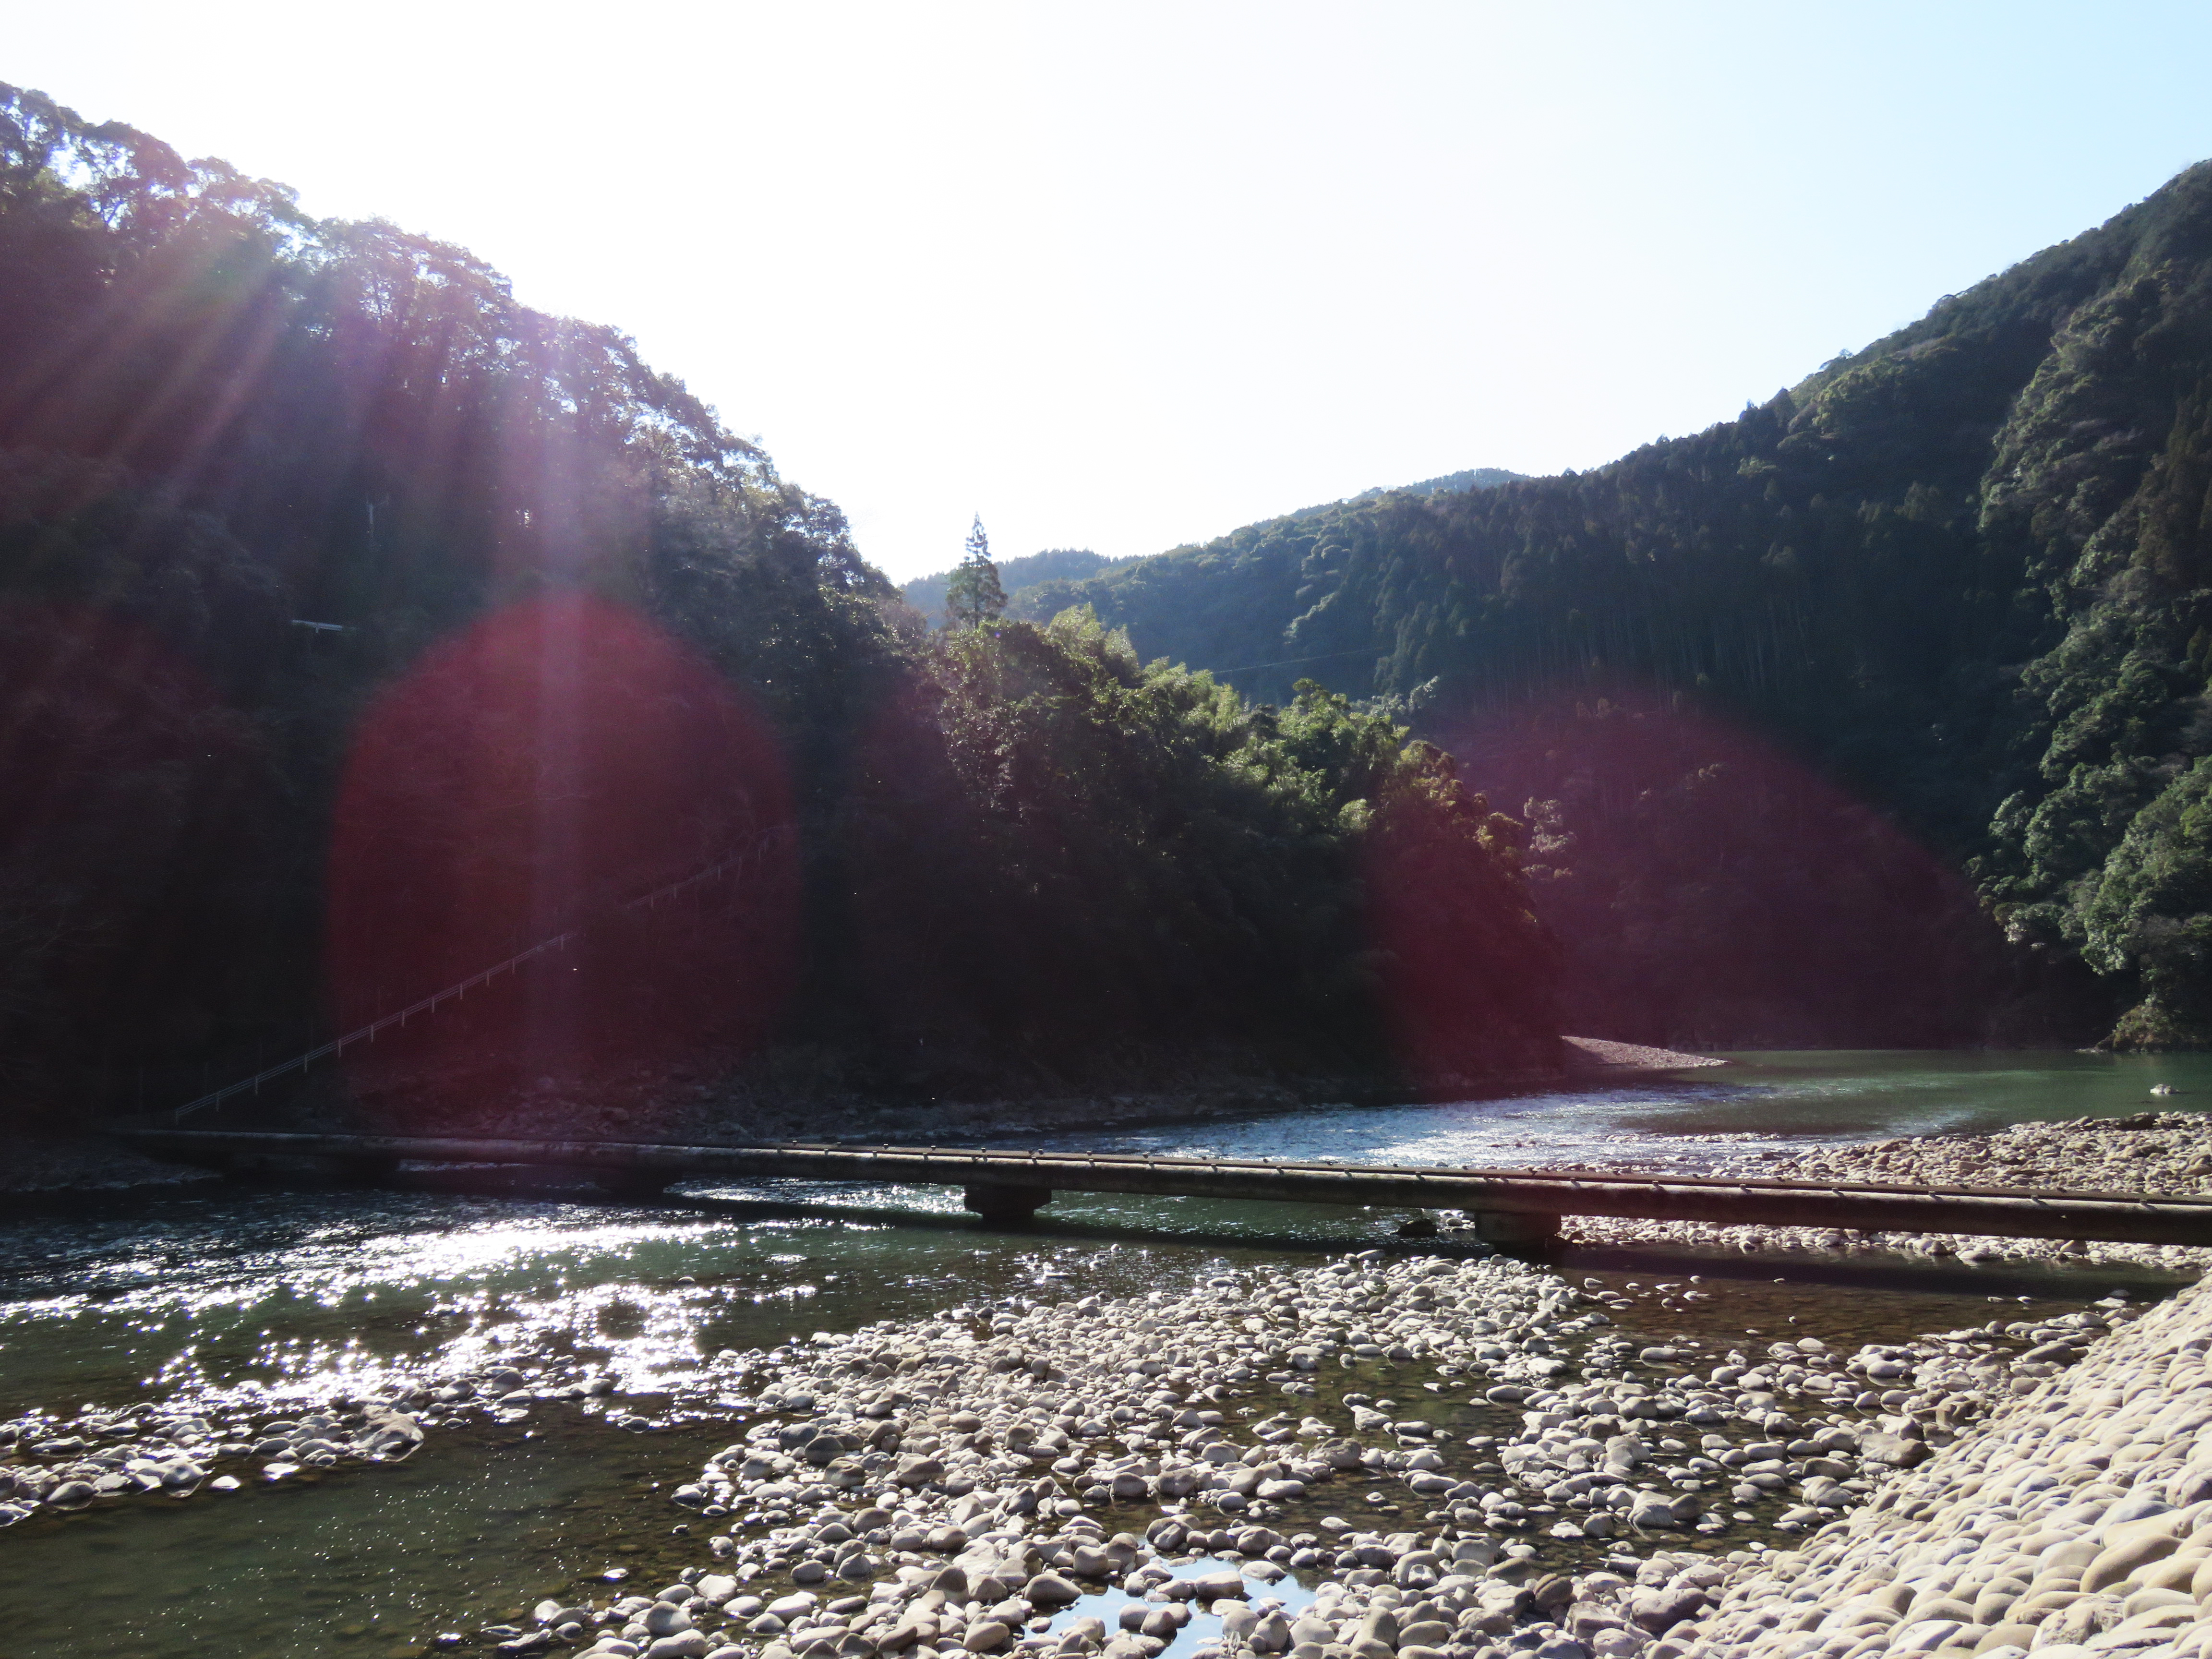 潜り橋を歩いて神社に向かいます。橋の真ん中から見る景色は絶景です。